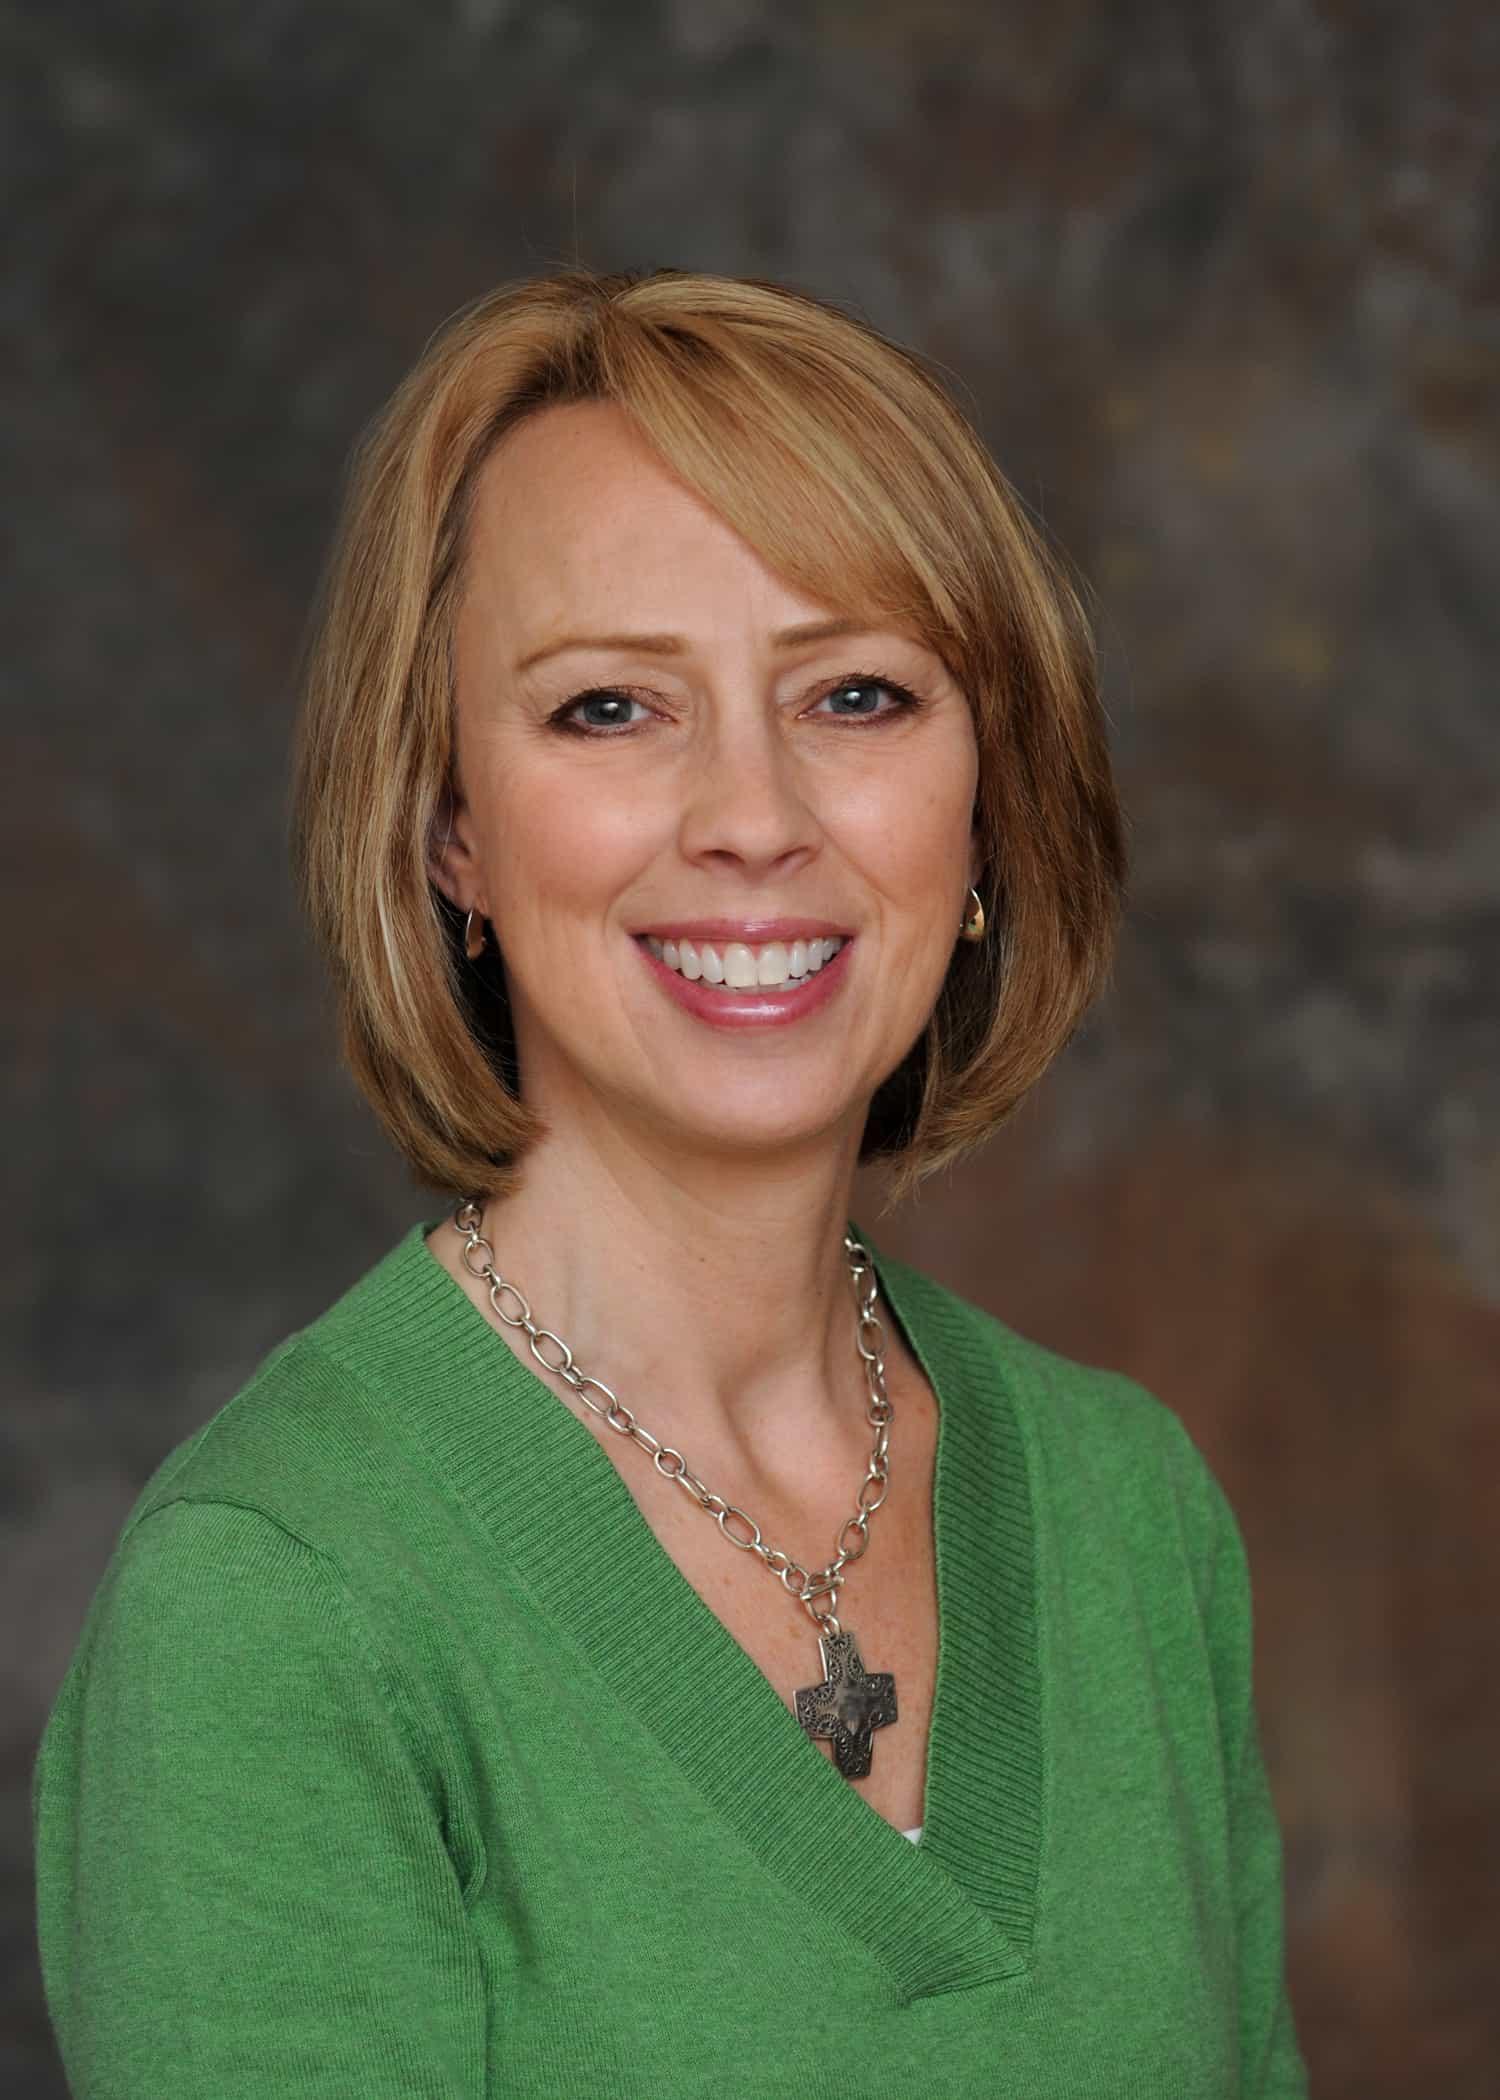 Heidi Hutchins